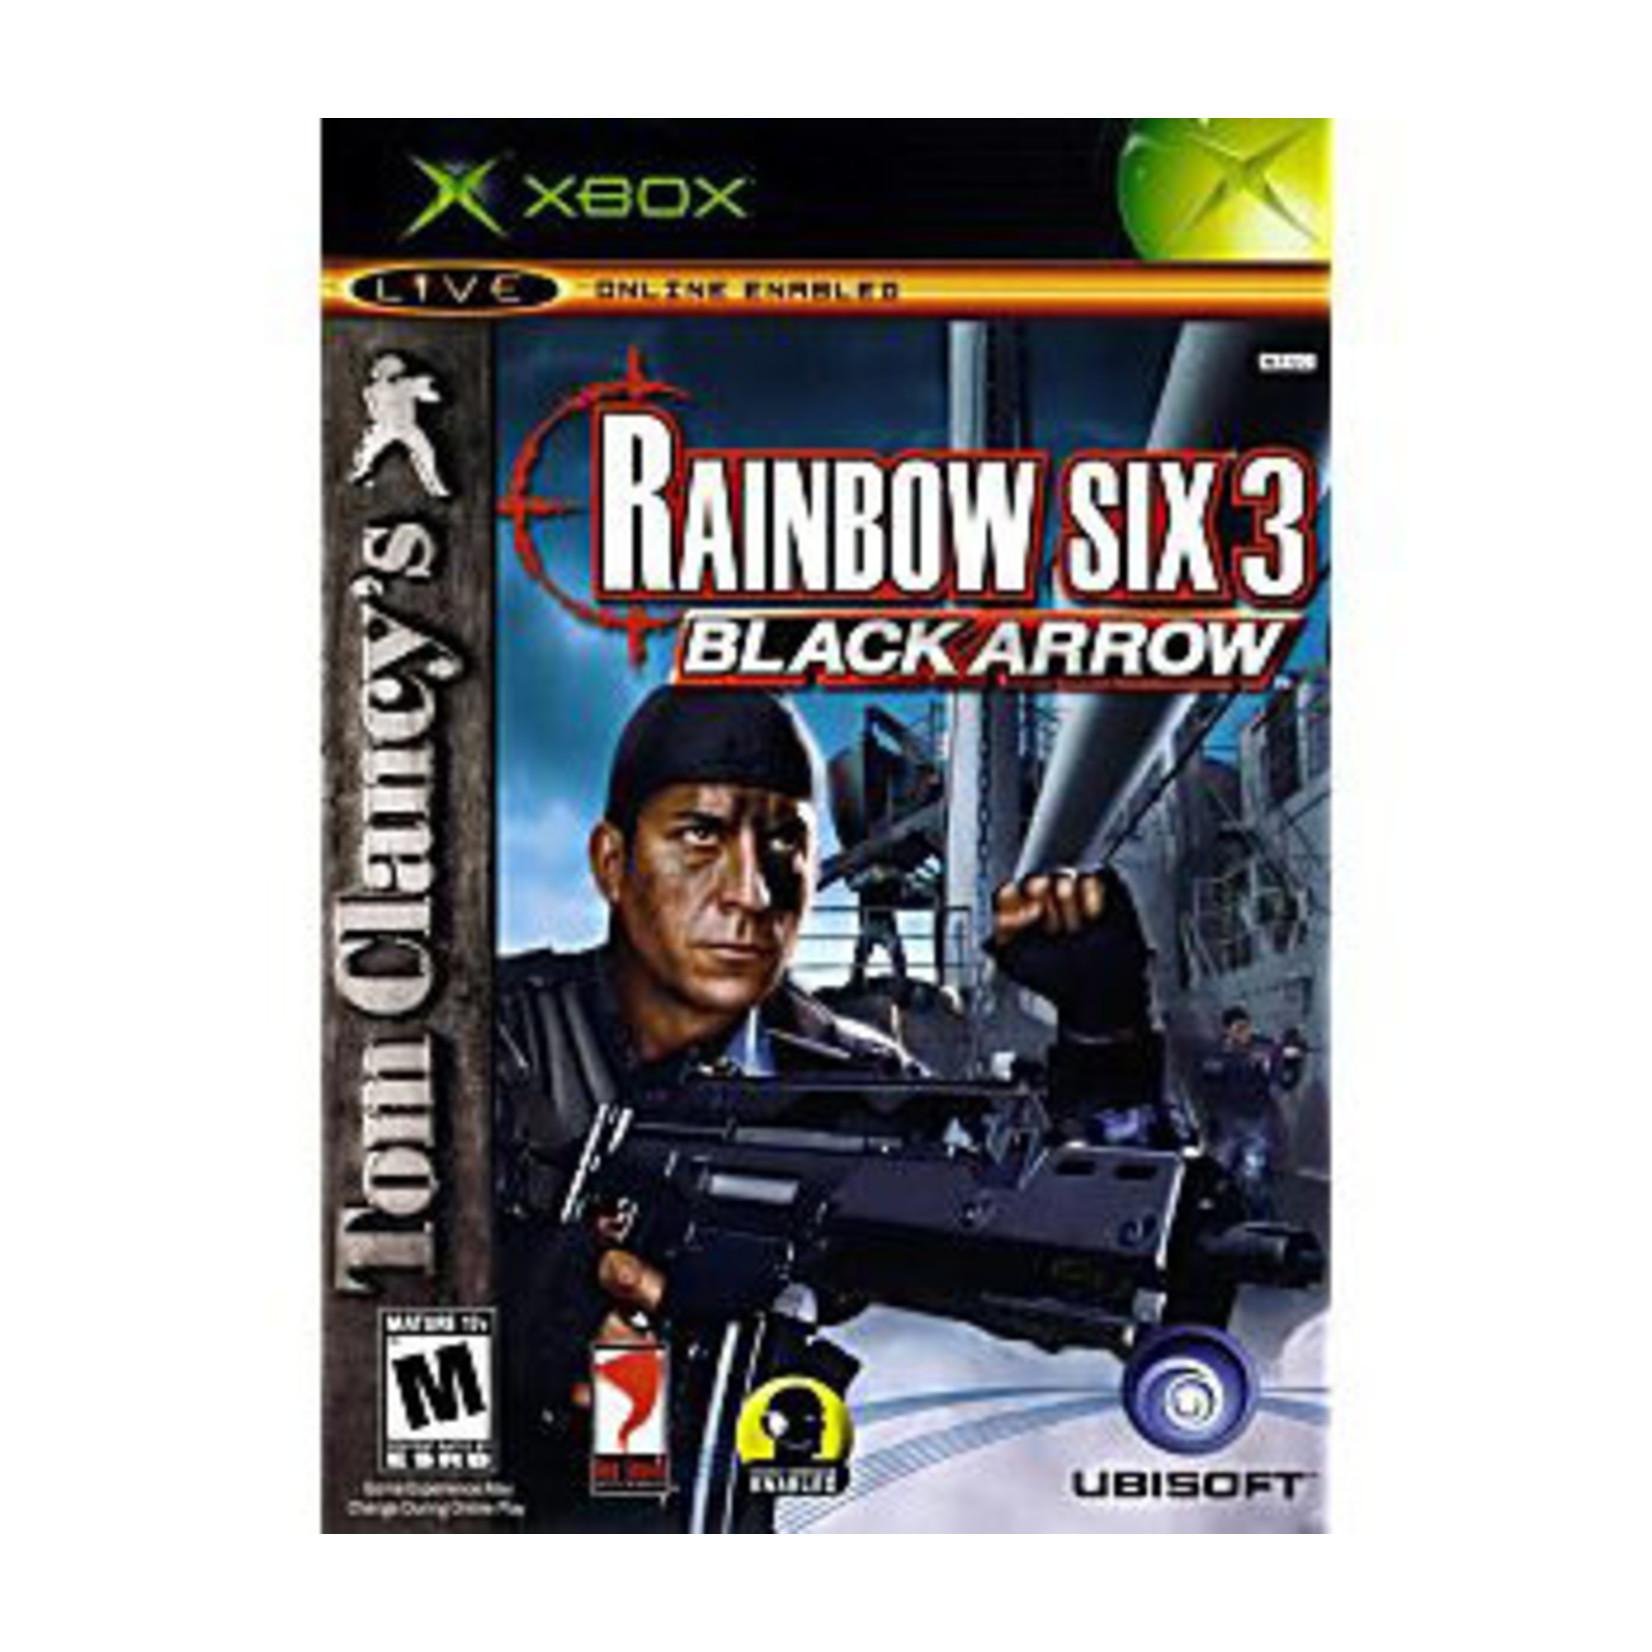 XBU-RAINBOW SIX 3 BLACK ARROW